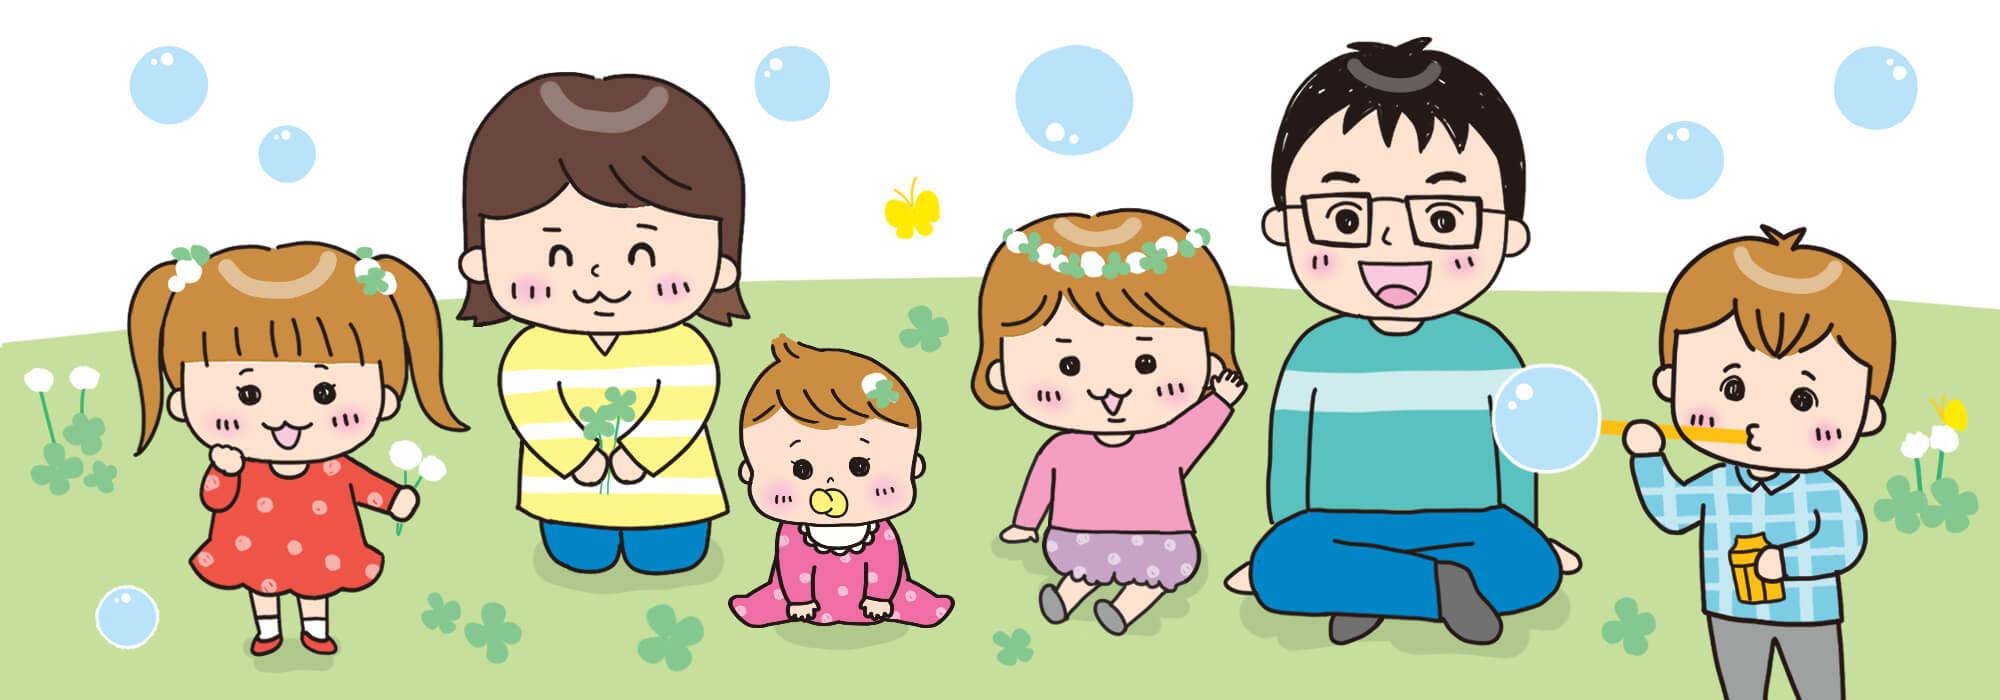 子どもと楽しむプチプラ暮らし